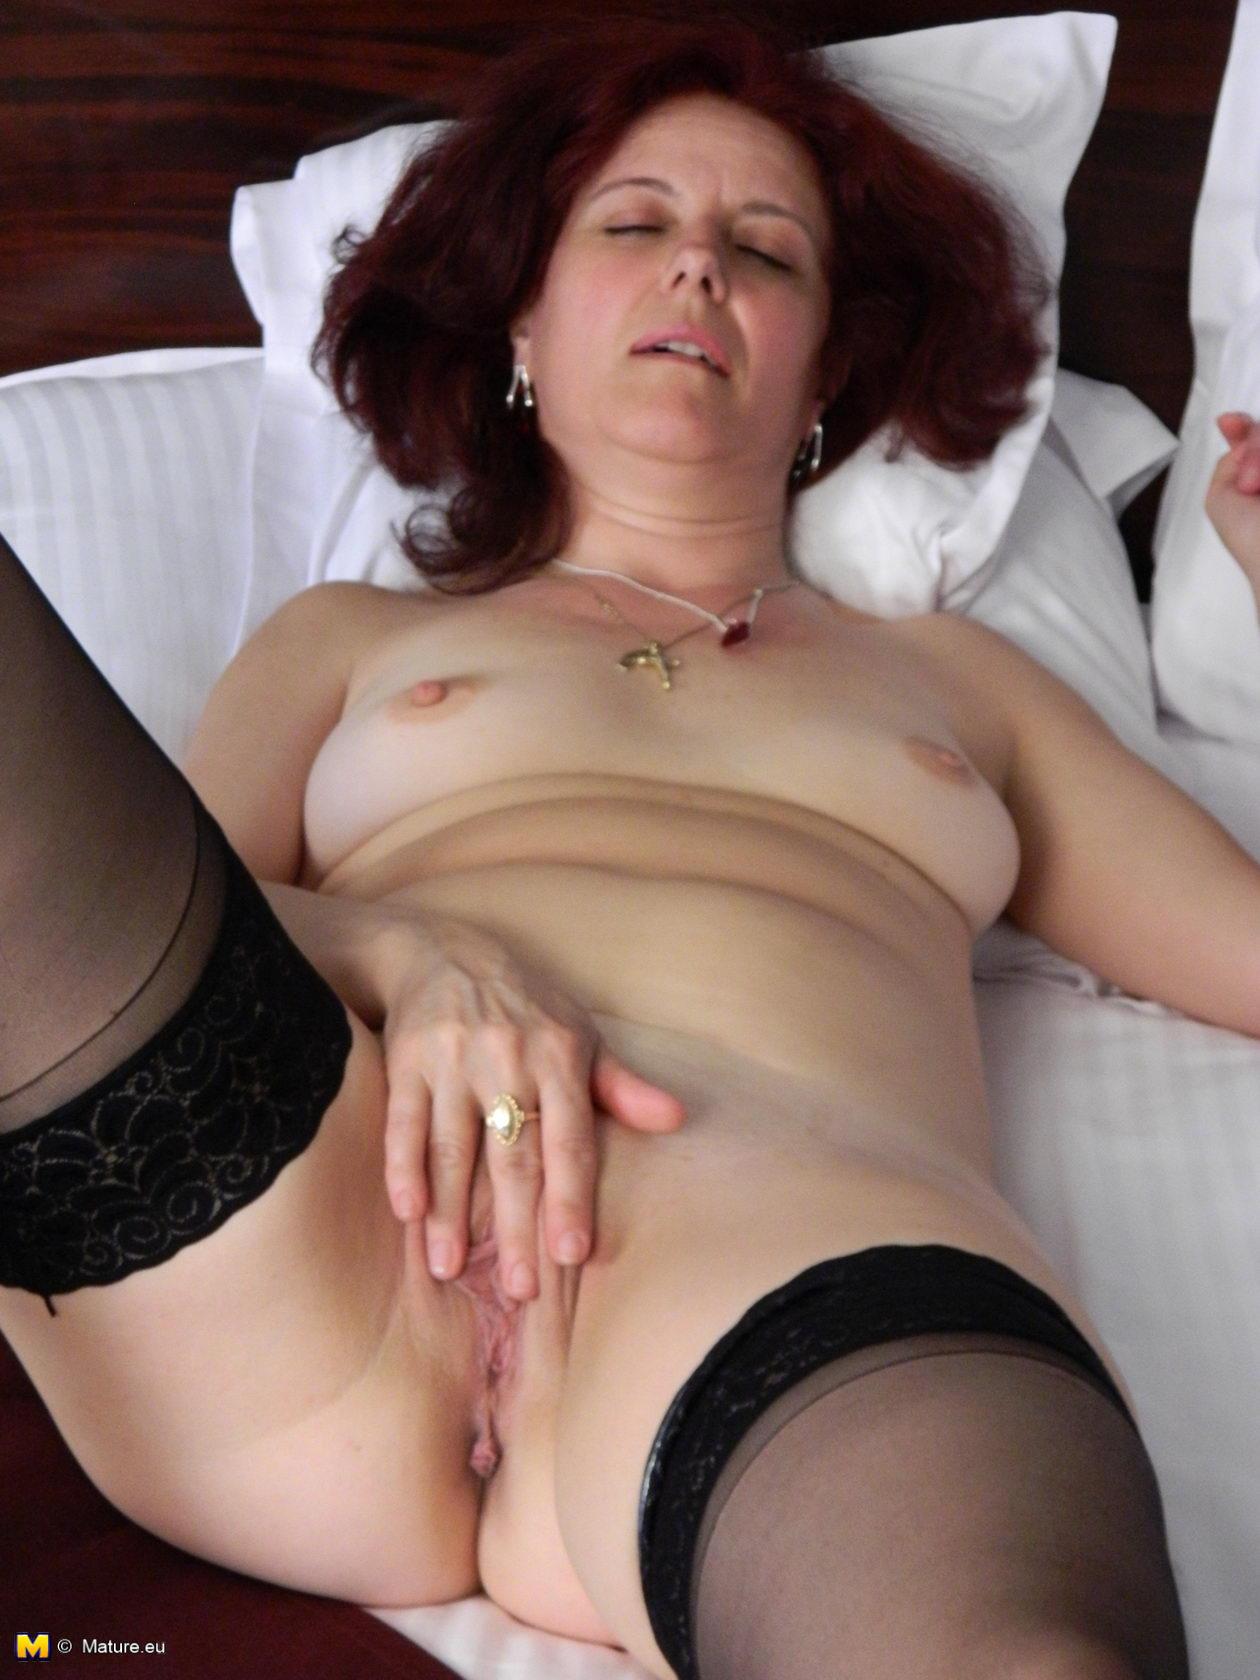 Missy in nude